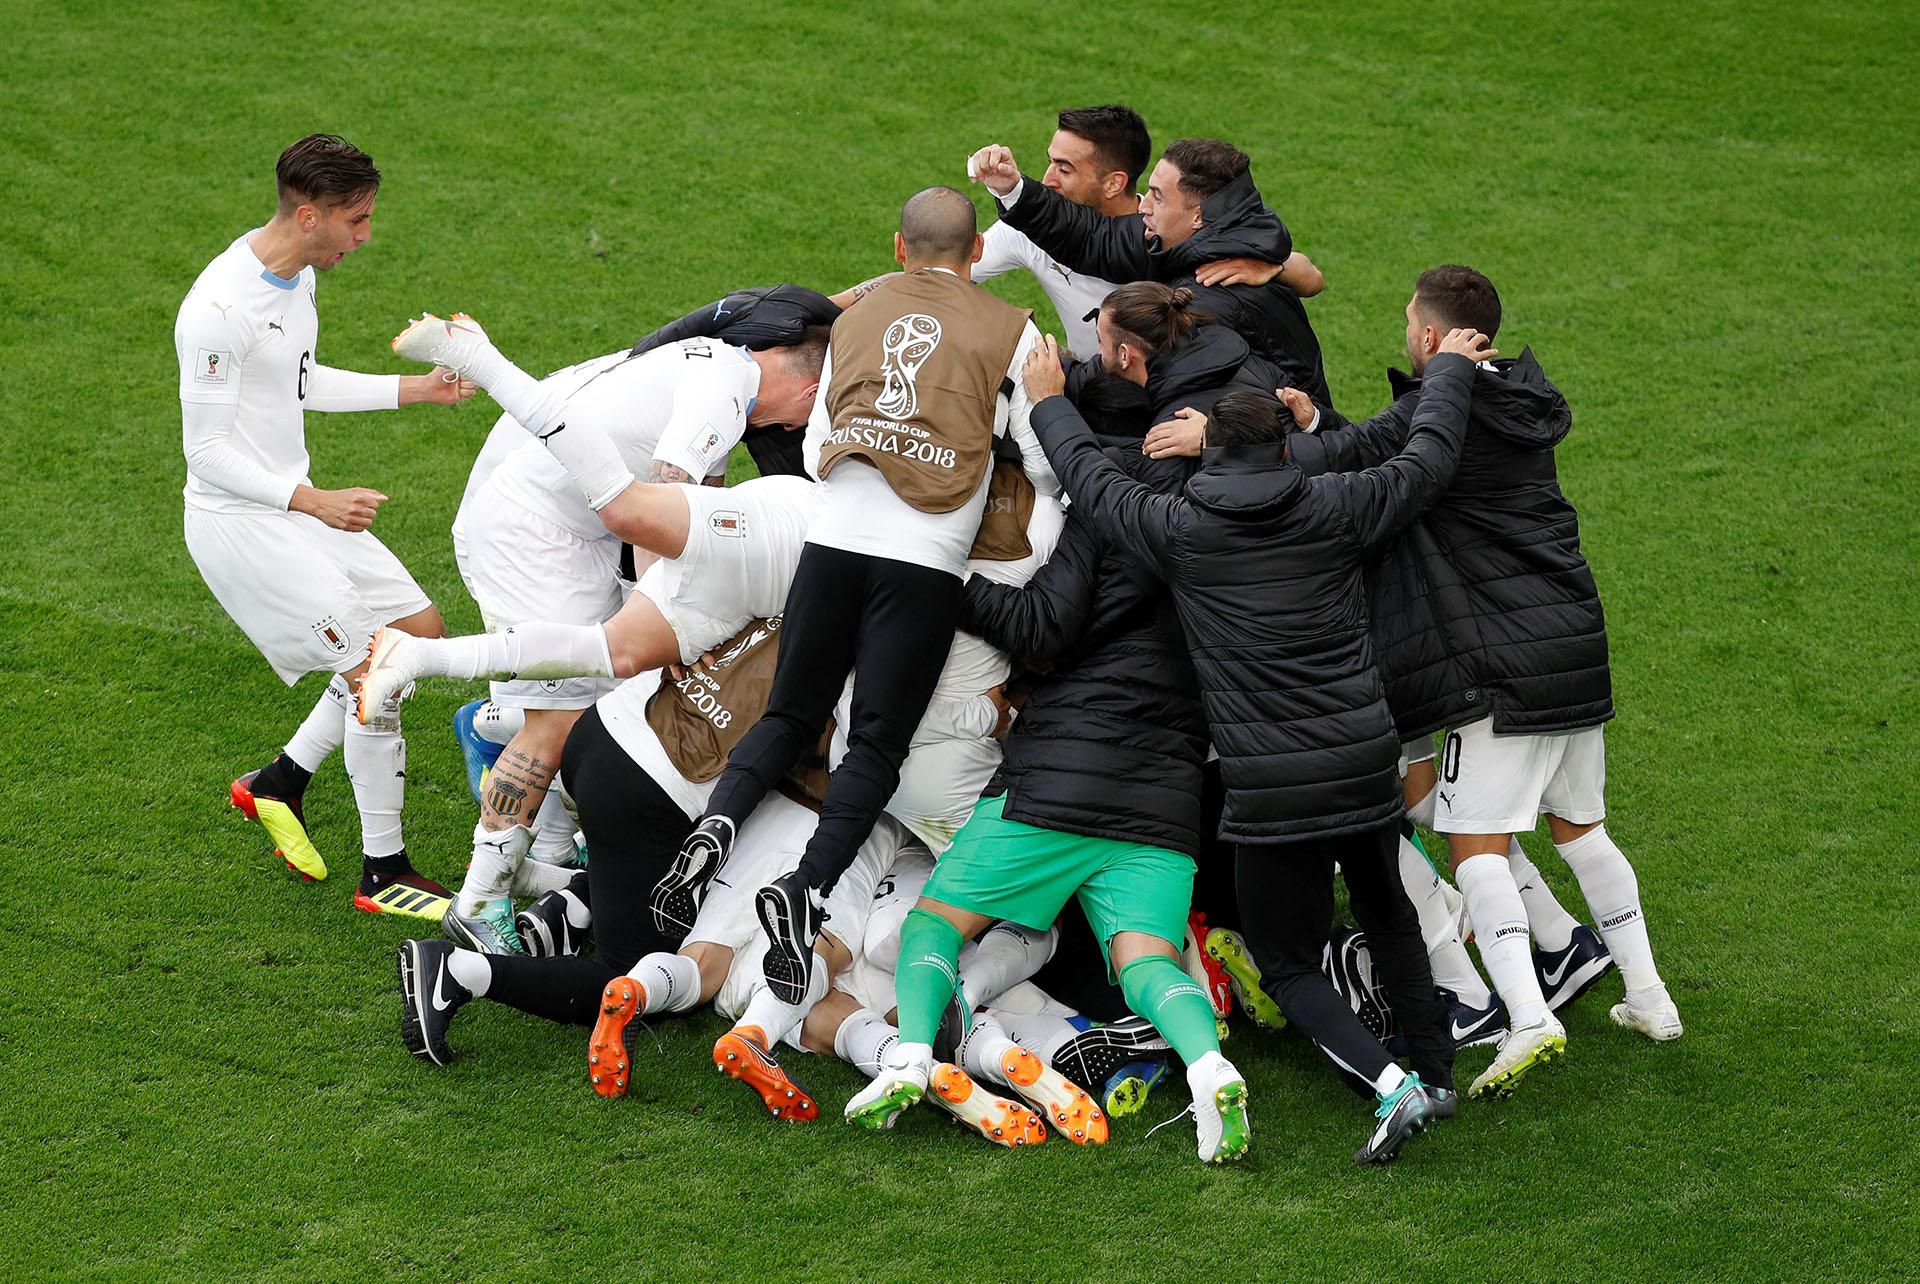 Explosión de los jugadores charrúas al conseguir el gol de la victoria